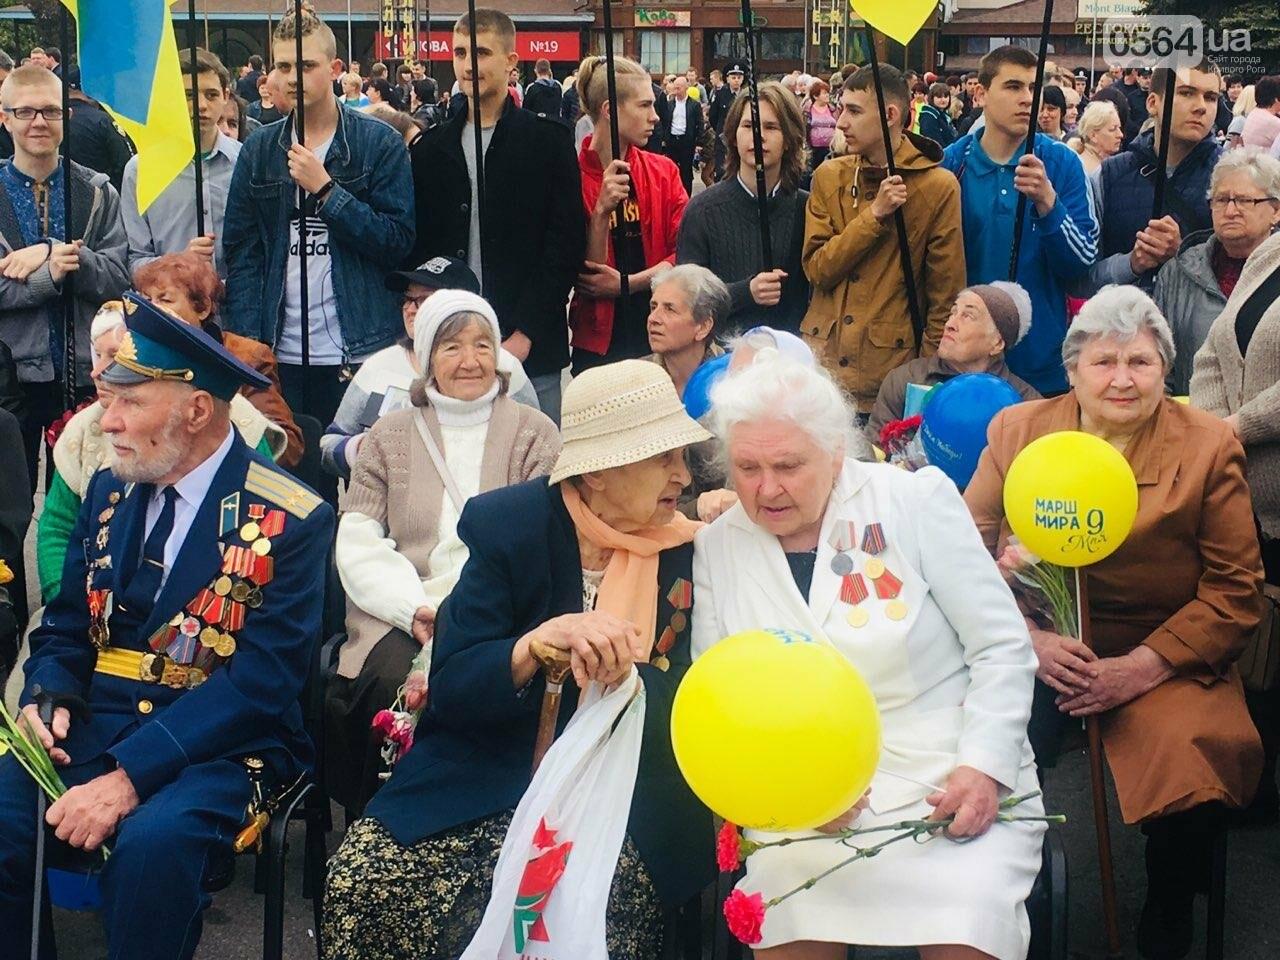 """9 мая в Кривом Роге: """"Марш мира"""" в Покровском районе стал самым массовым мероприятием, - ФОТО, фото-15"""